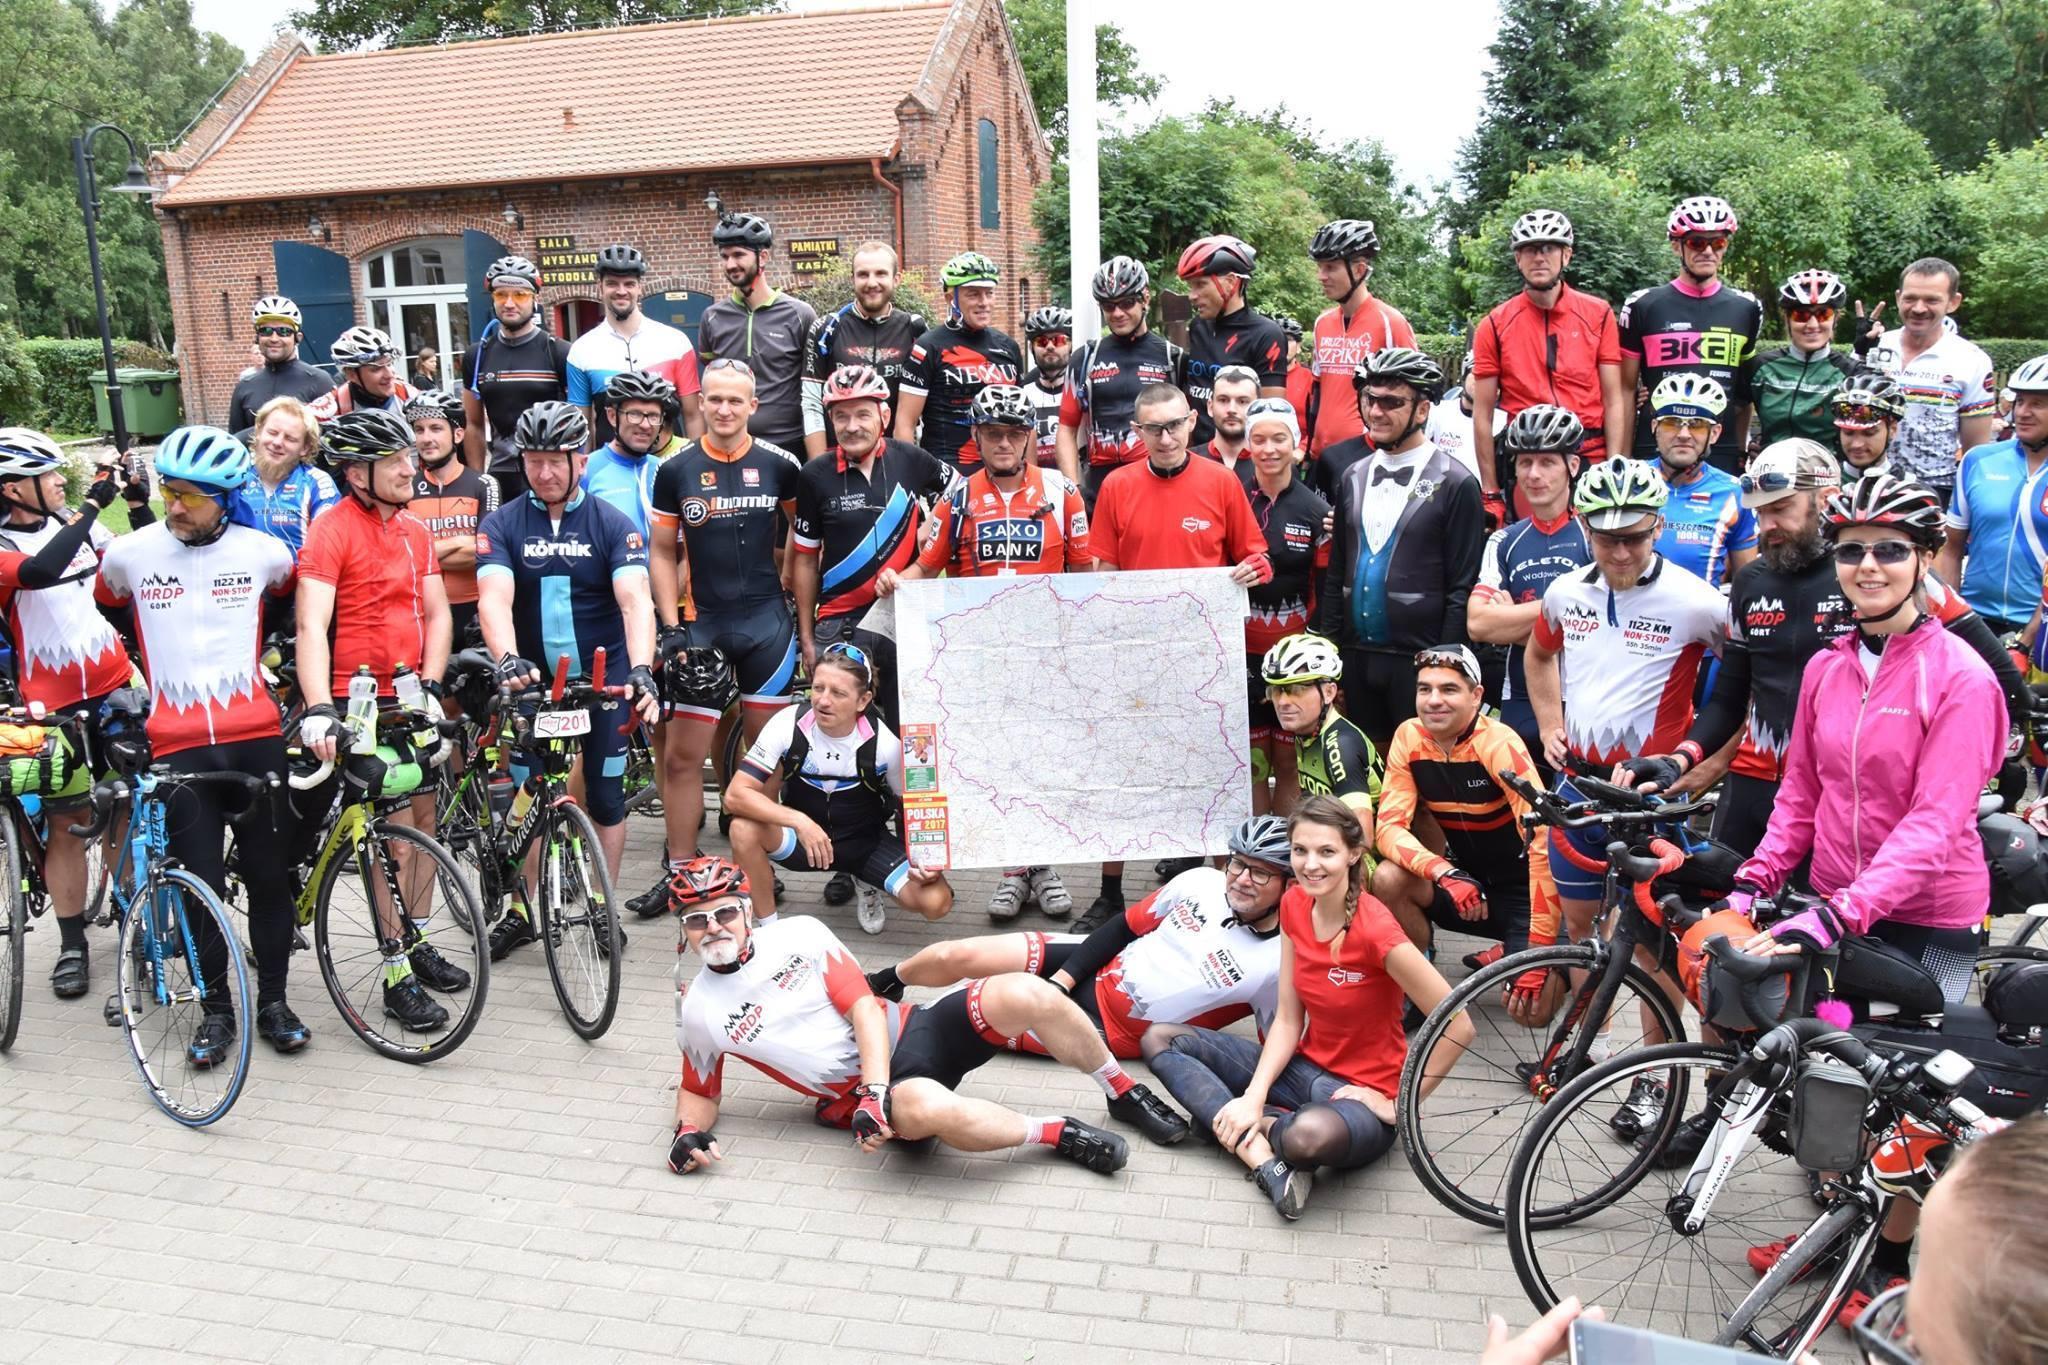 3200 kilometrów dookoła Polski i to w 10 dni! Na starcie trzech pasjonatów kolarstwa z Podkarpacia [ZDJĘCIA, TRASA] - Zdjęcie główne